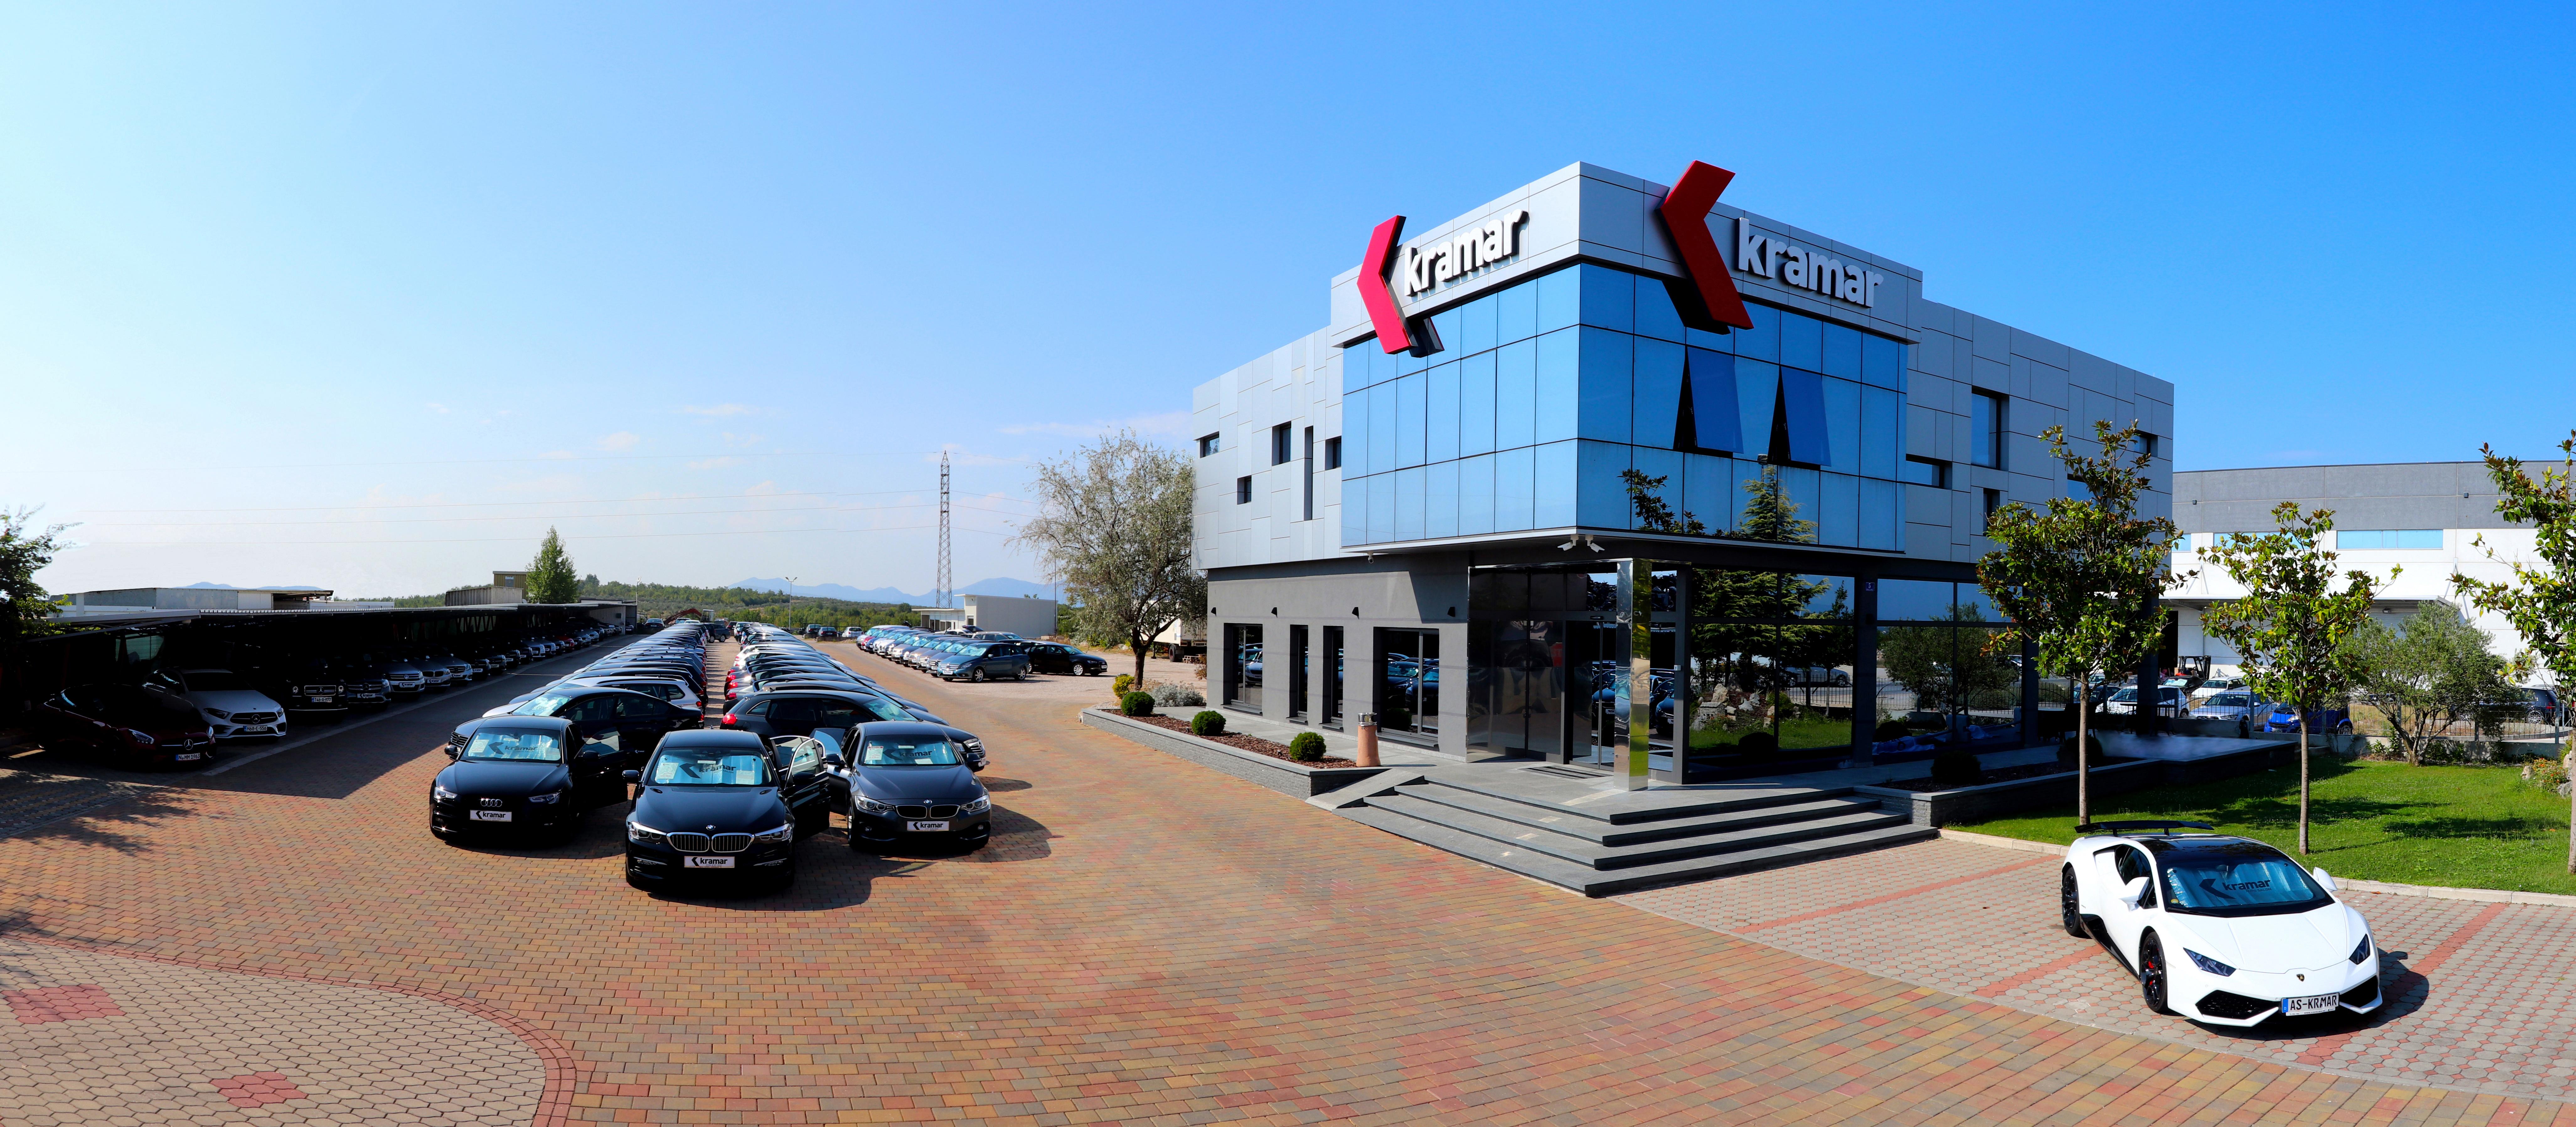 """Demanti na tekst '""""Kramar"""" uvezao 700 vozila na neuredan EUR1, milioni u kasi UIO odgađaju oduzimanje auta!'"""